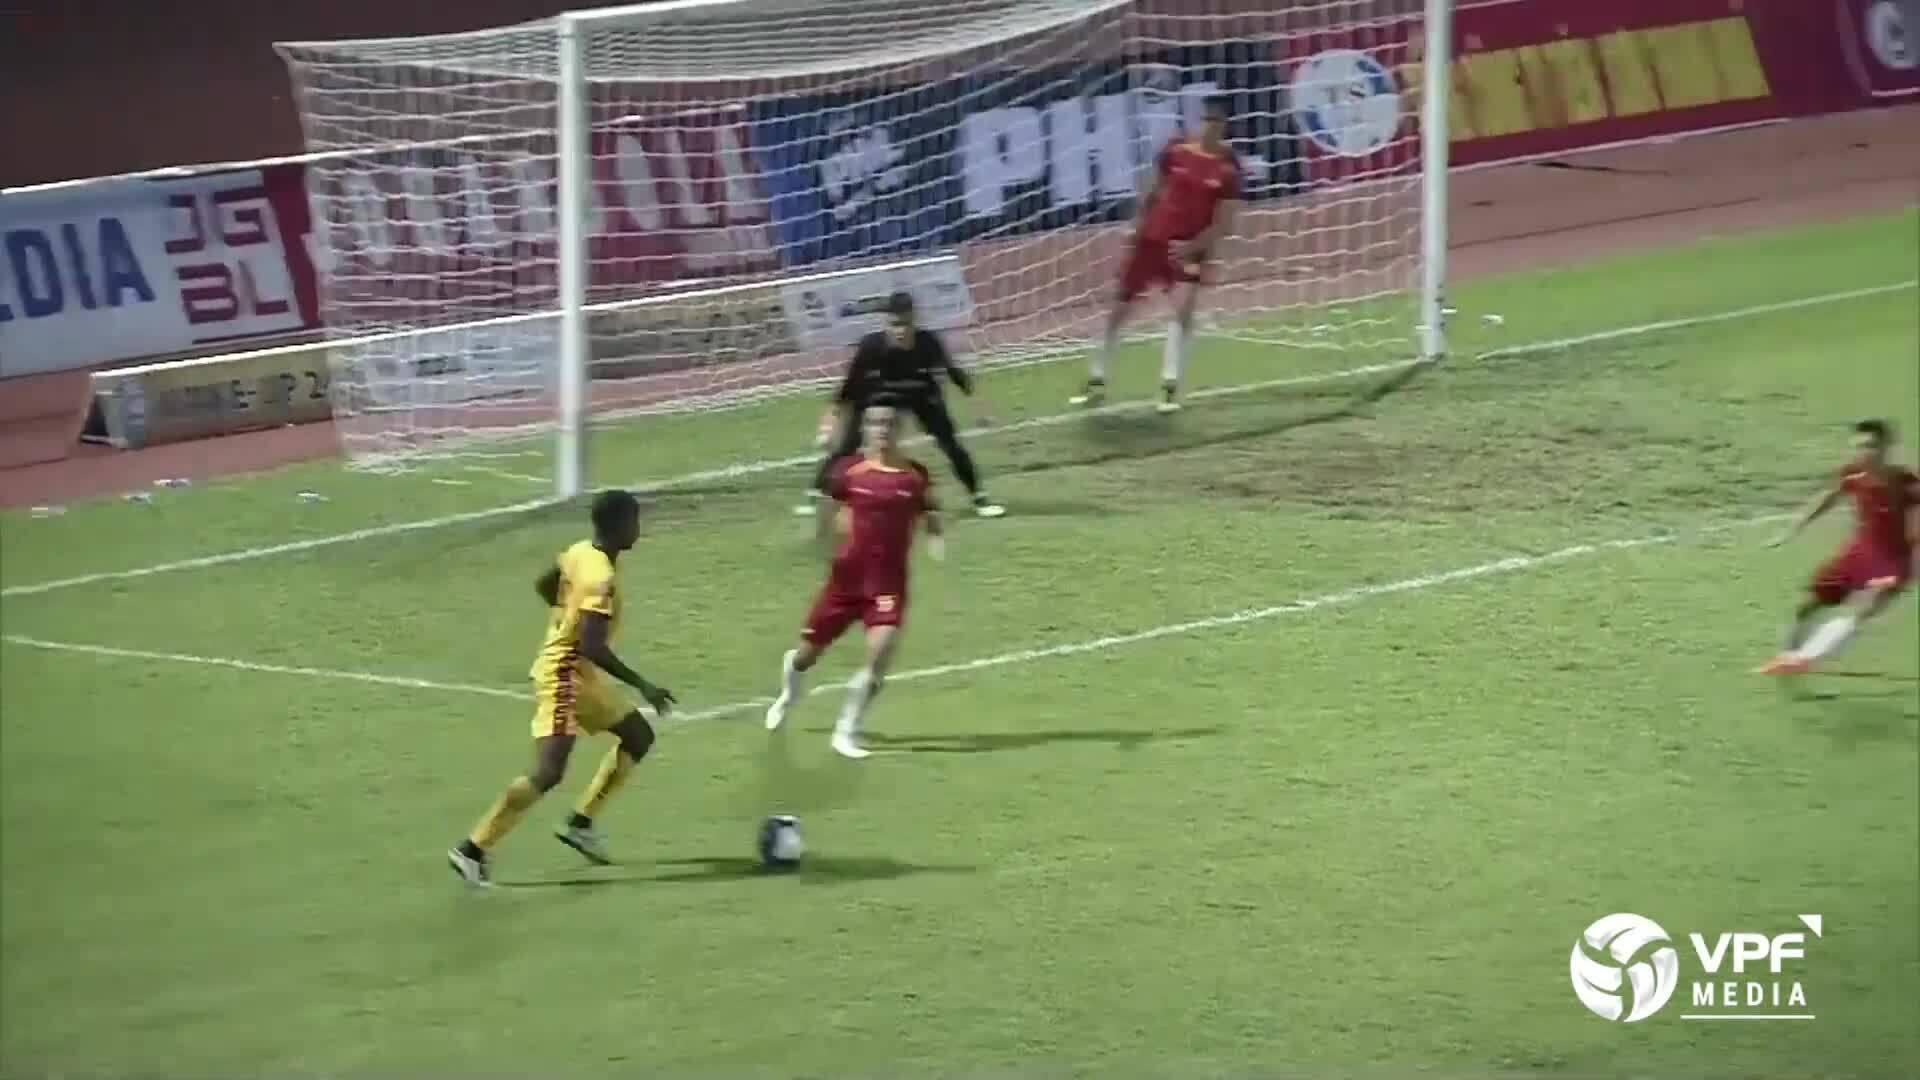 Top 10 bàn thắng đáng nhớ ở các trận Derby Thanh Hóa - Nghệ An